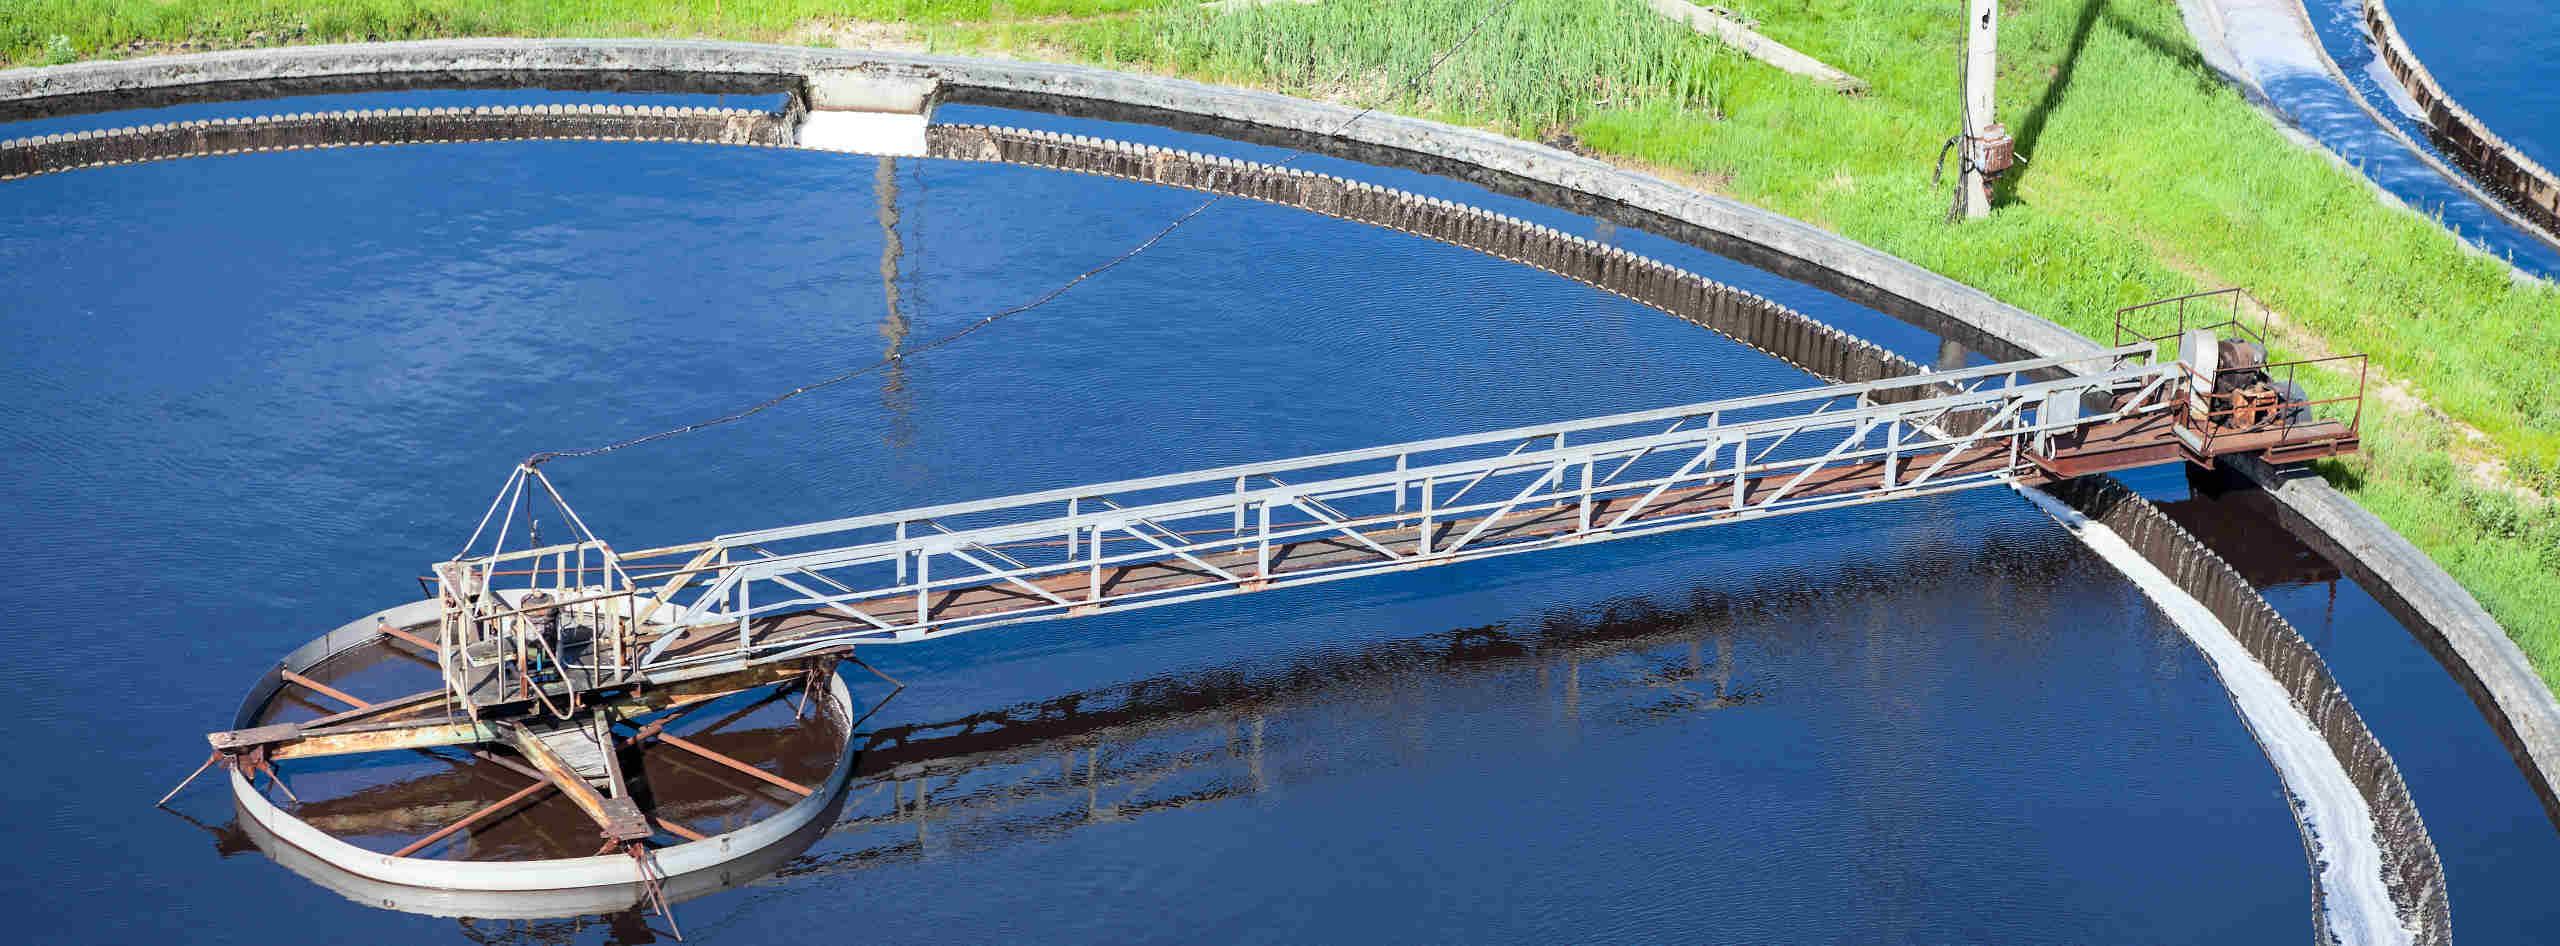 Station d'épuration pour le traitement des effluents industriels